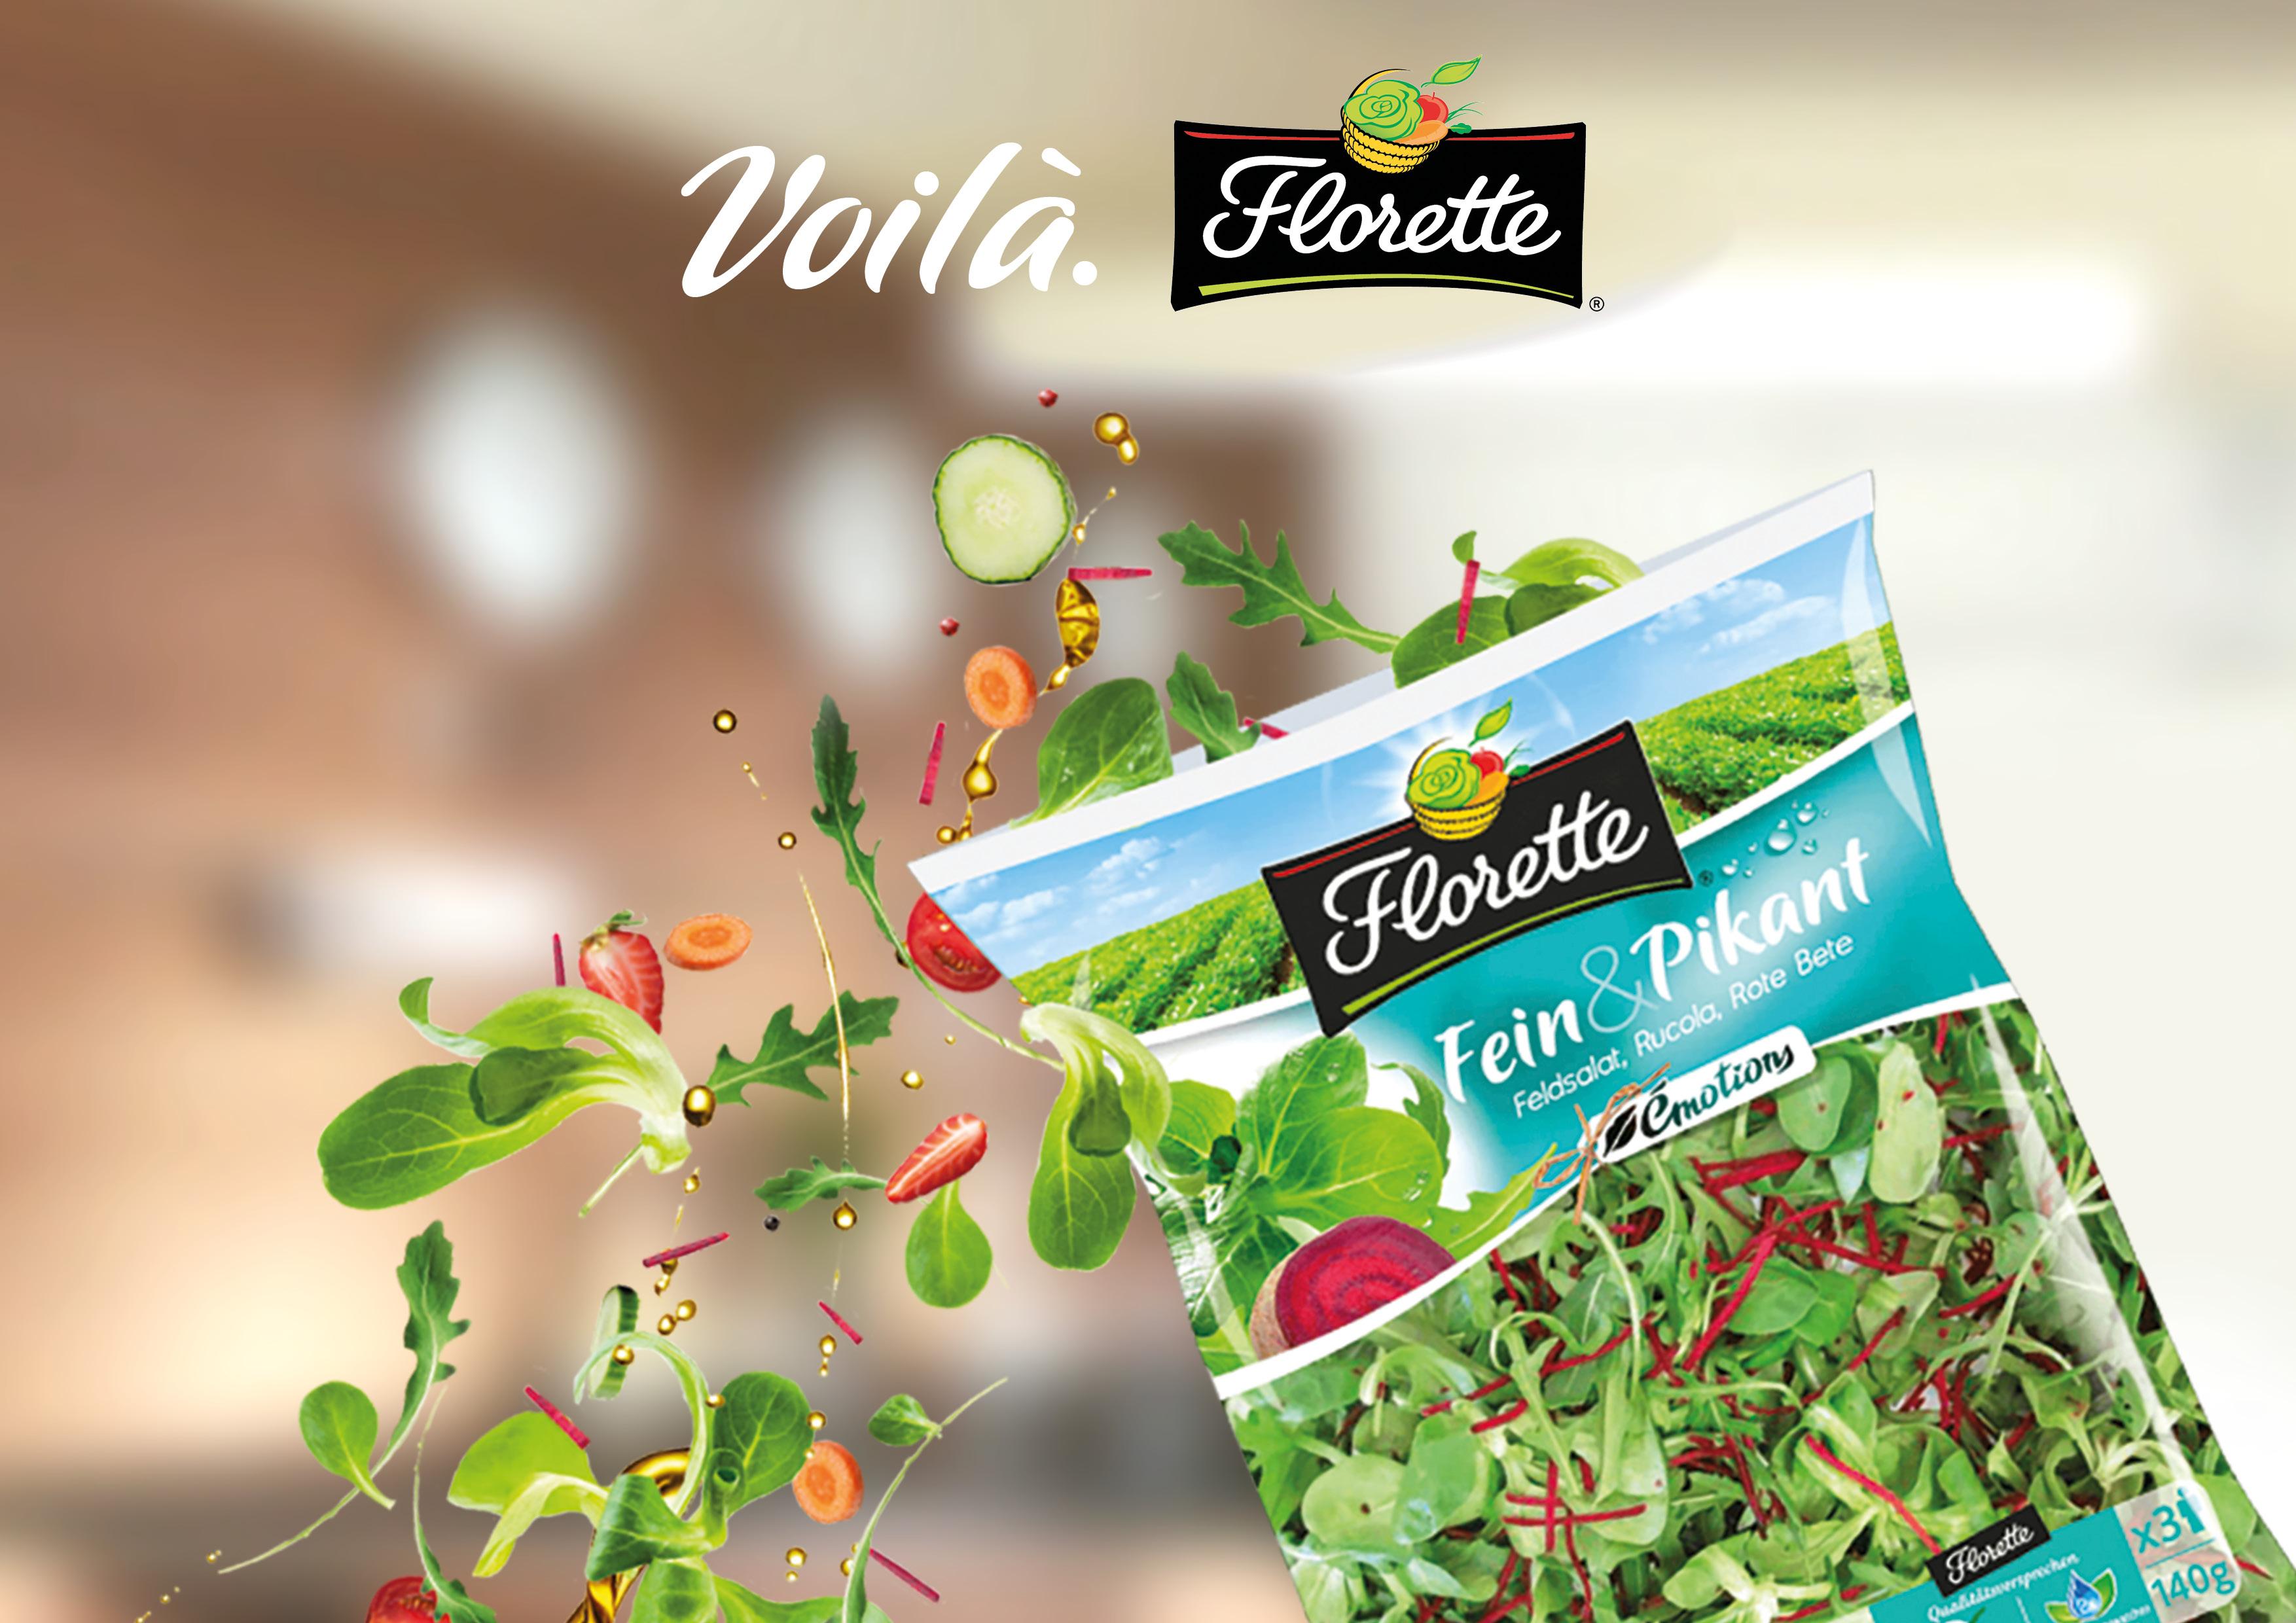 Salatmischung Fein & Pikant von Florette, dynamisch in Szene gesetzt zur neuen Voilà-Kampagne